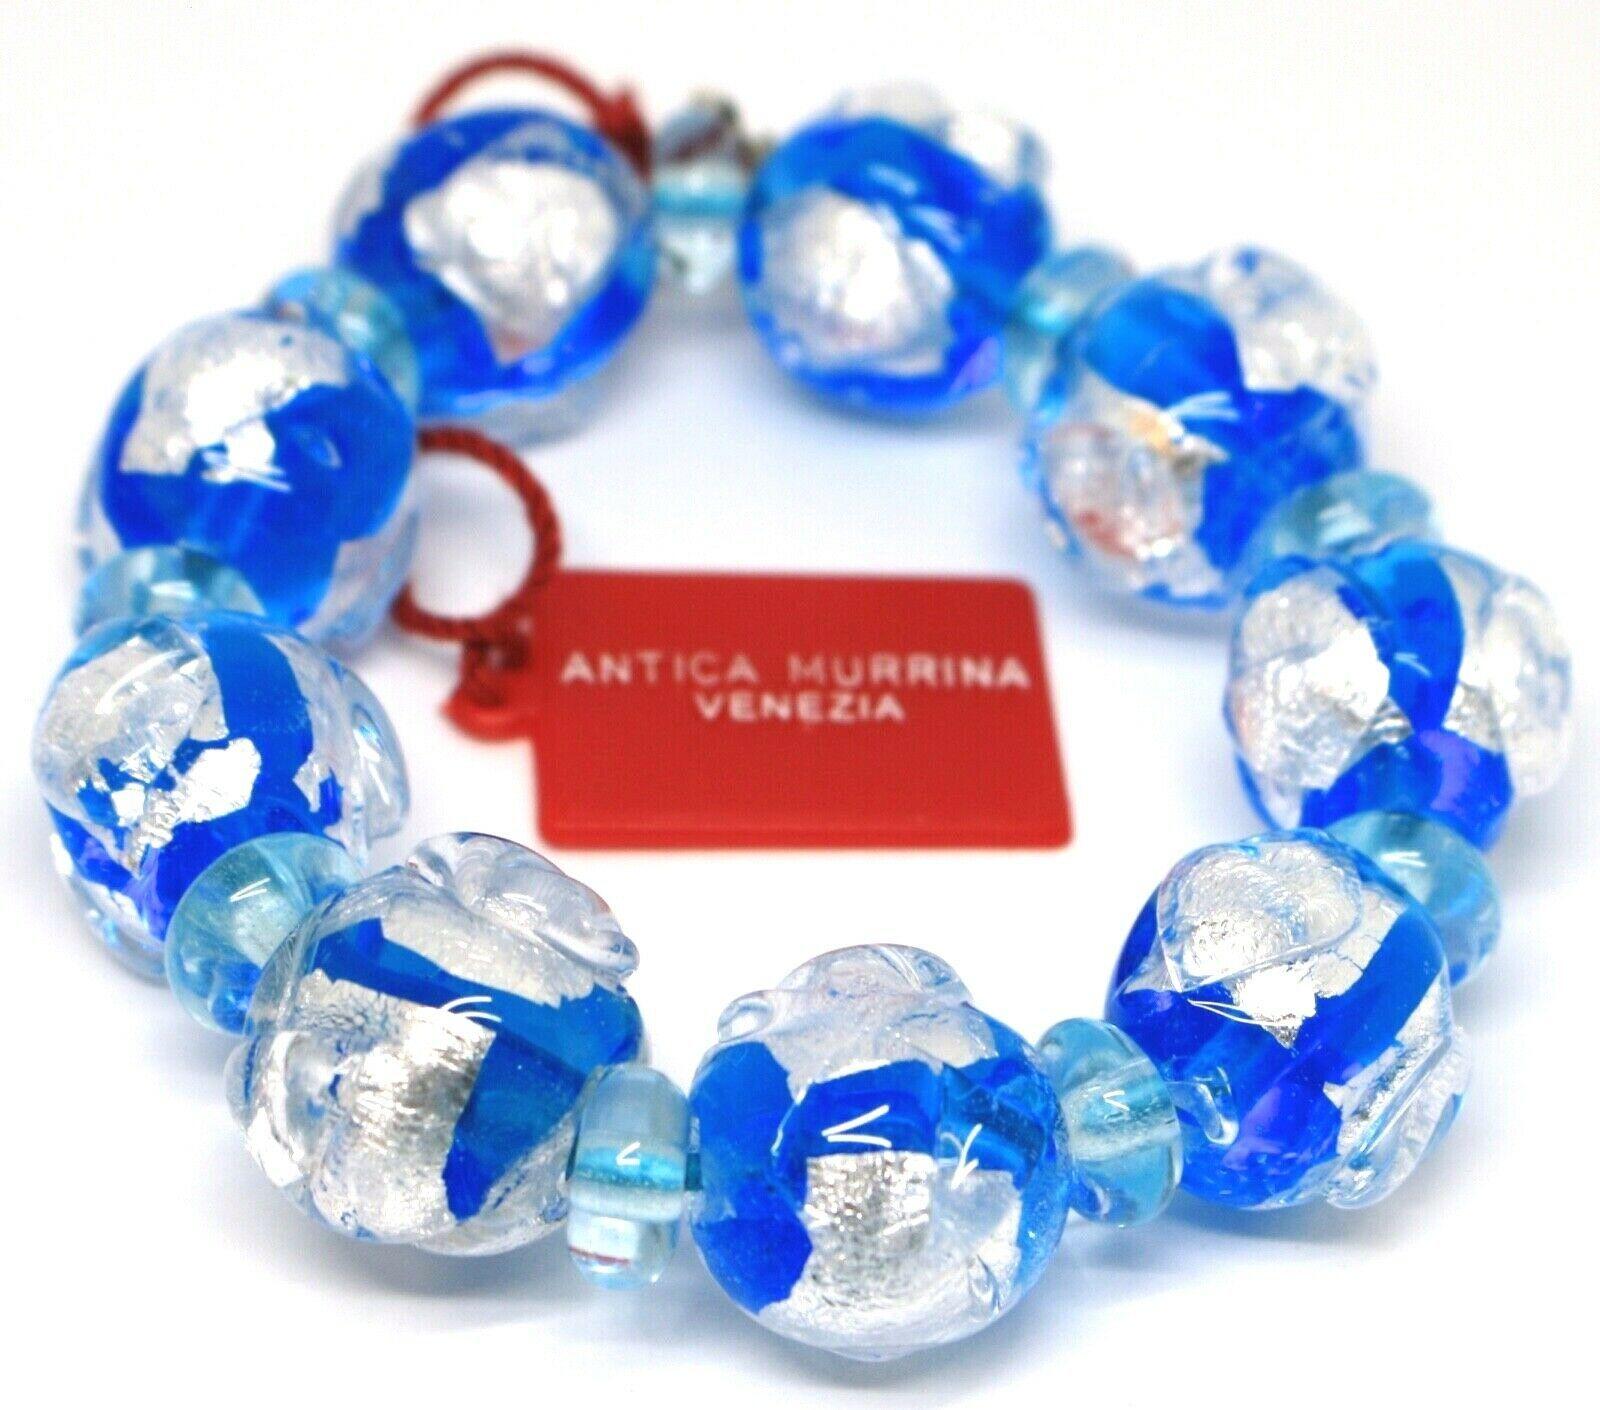 Bracelet Antica Murrina Venezia, Murano Glass, Spheres Large Light Blue